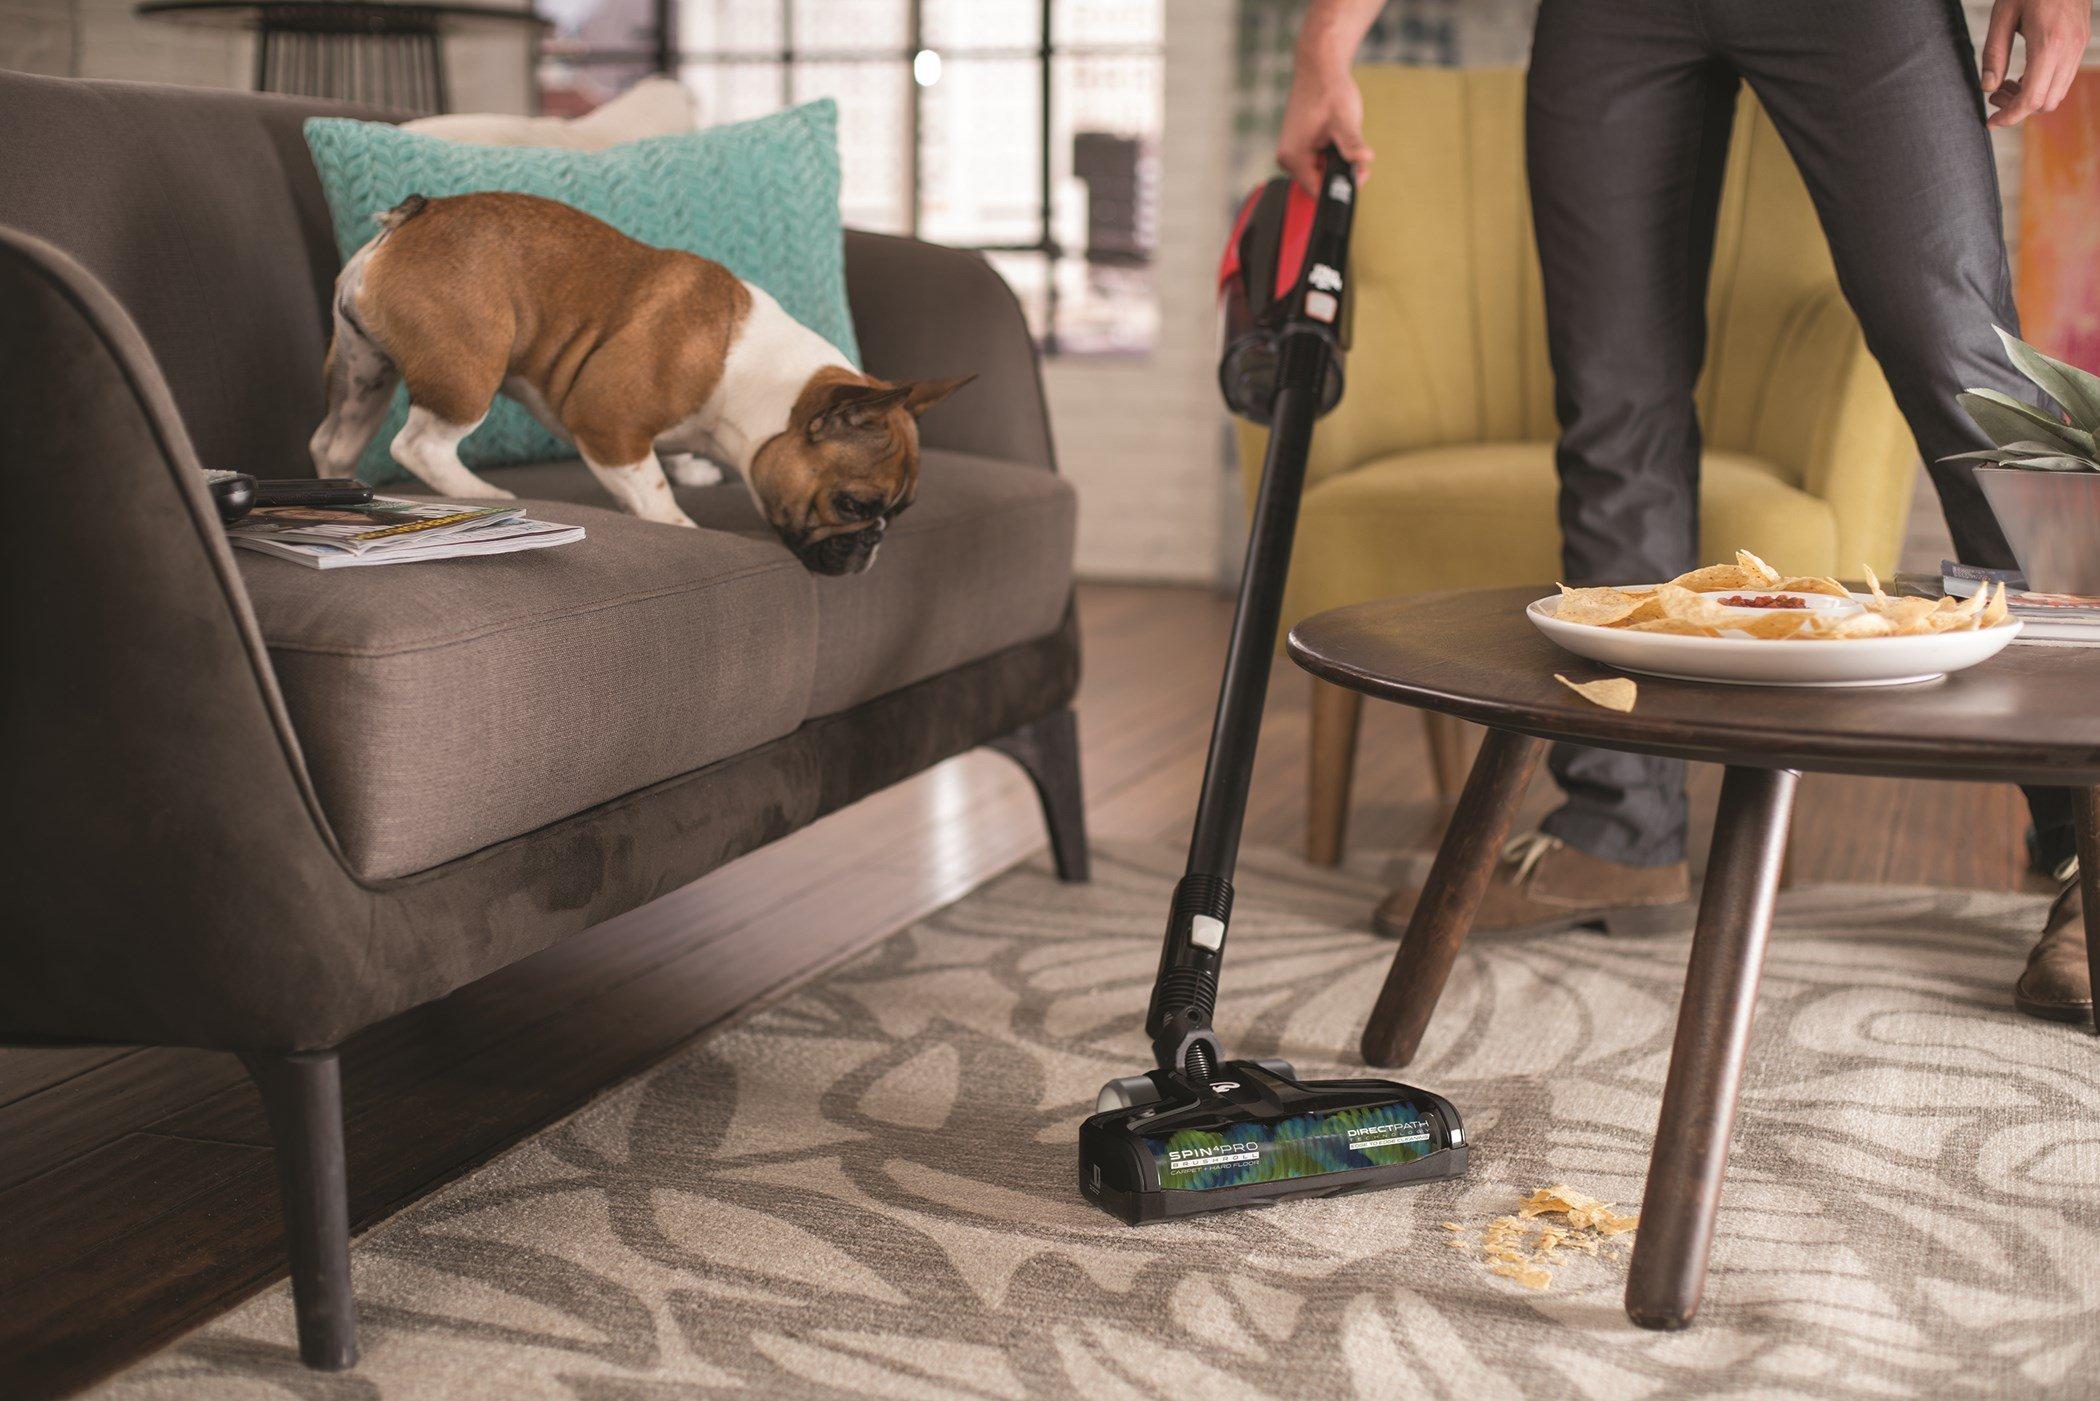 Reach Max 3-in-1 Cordless Stick Vacuum5